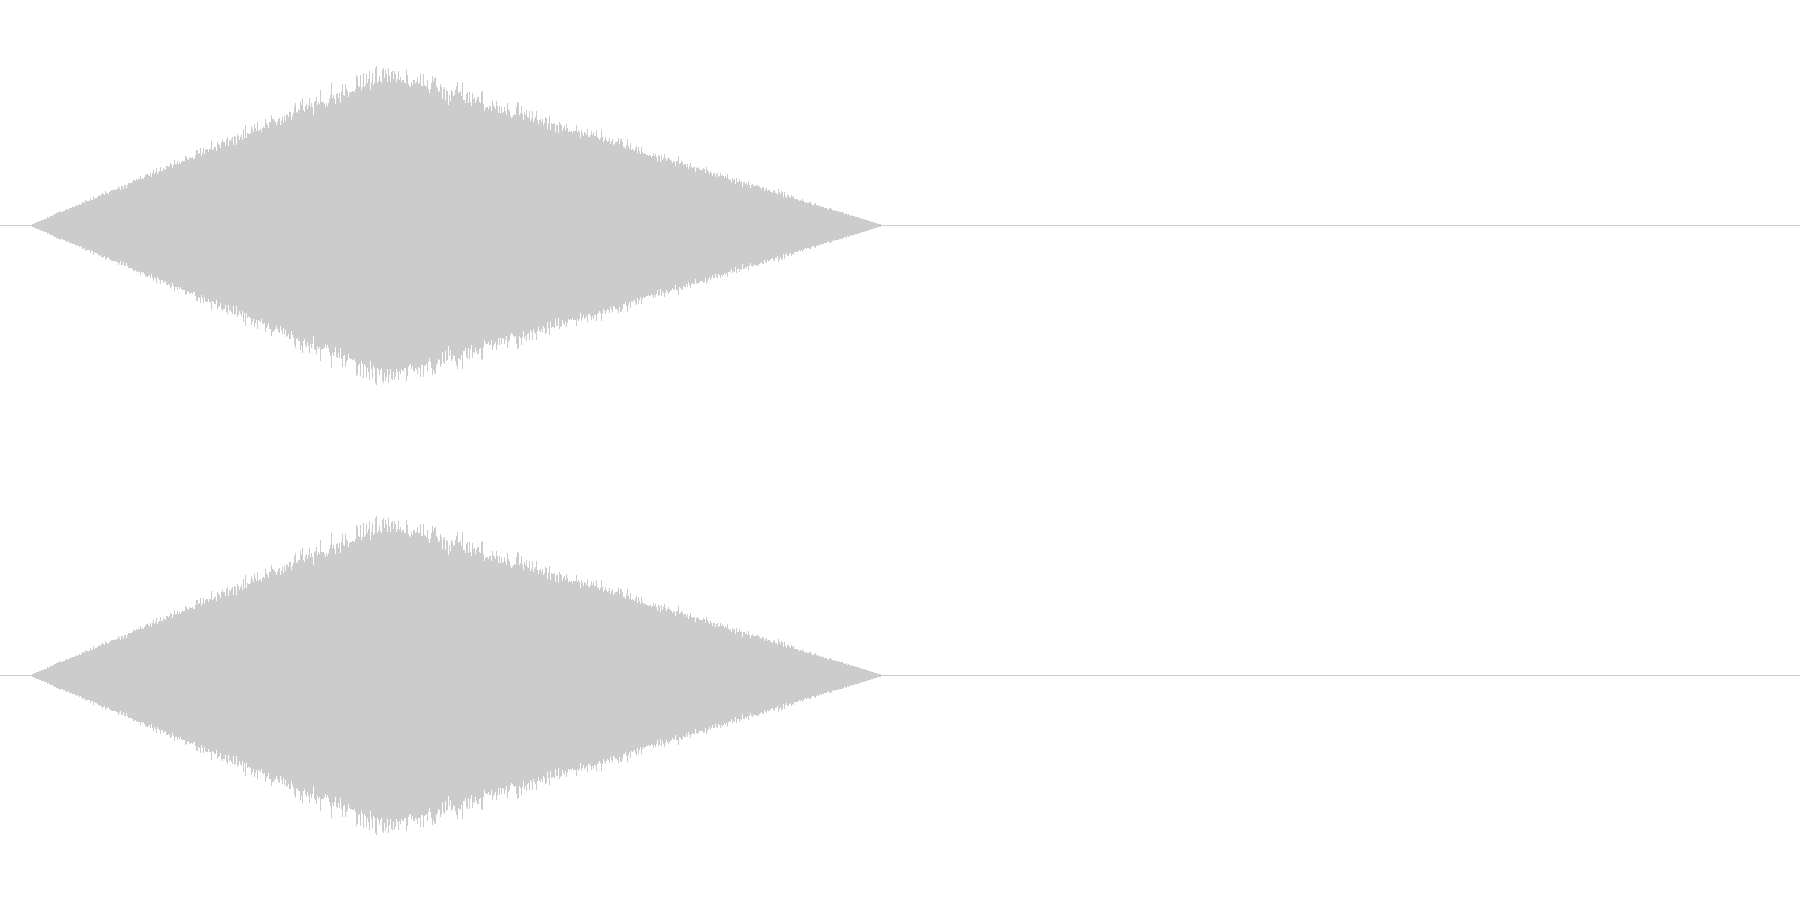 レトロゲーム風・魔法詠唱#1の未再生の波形